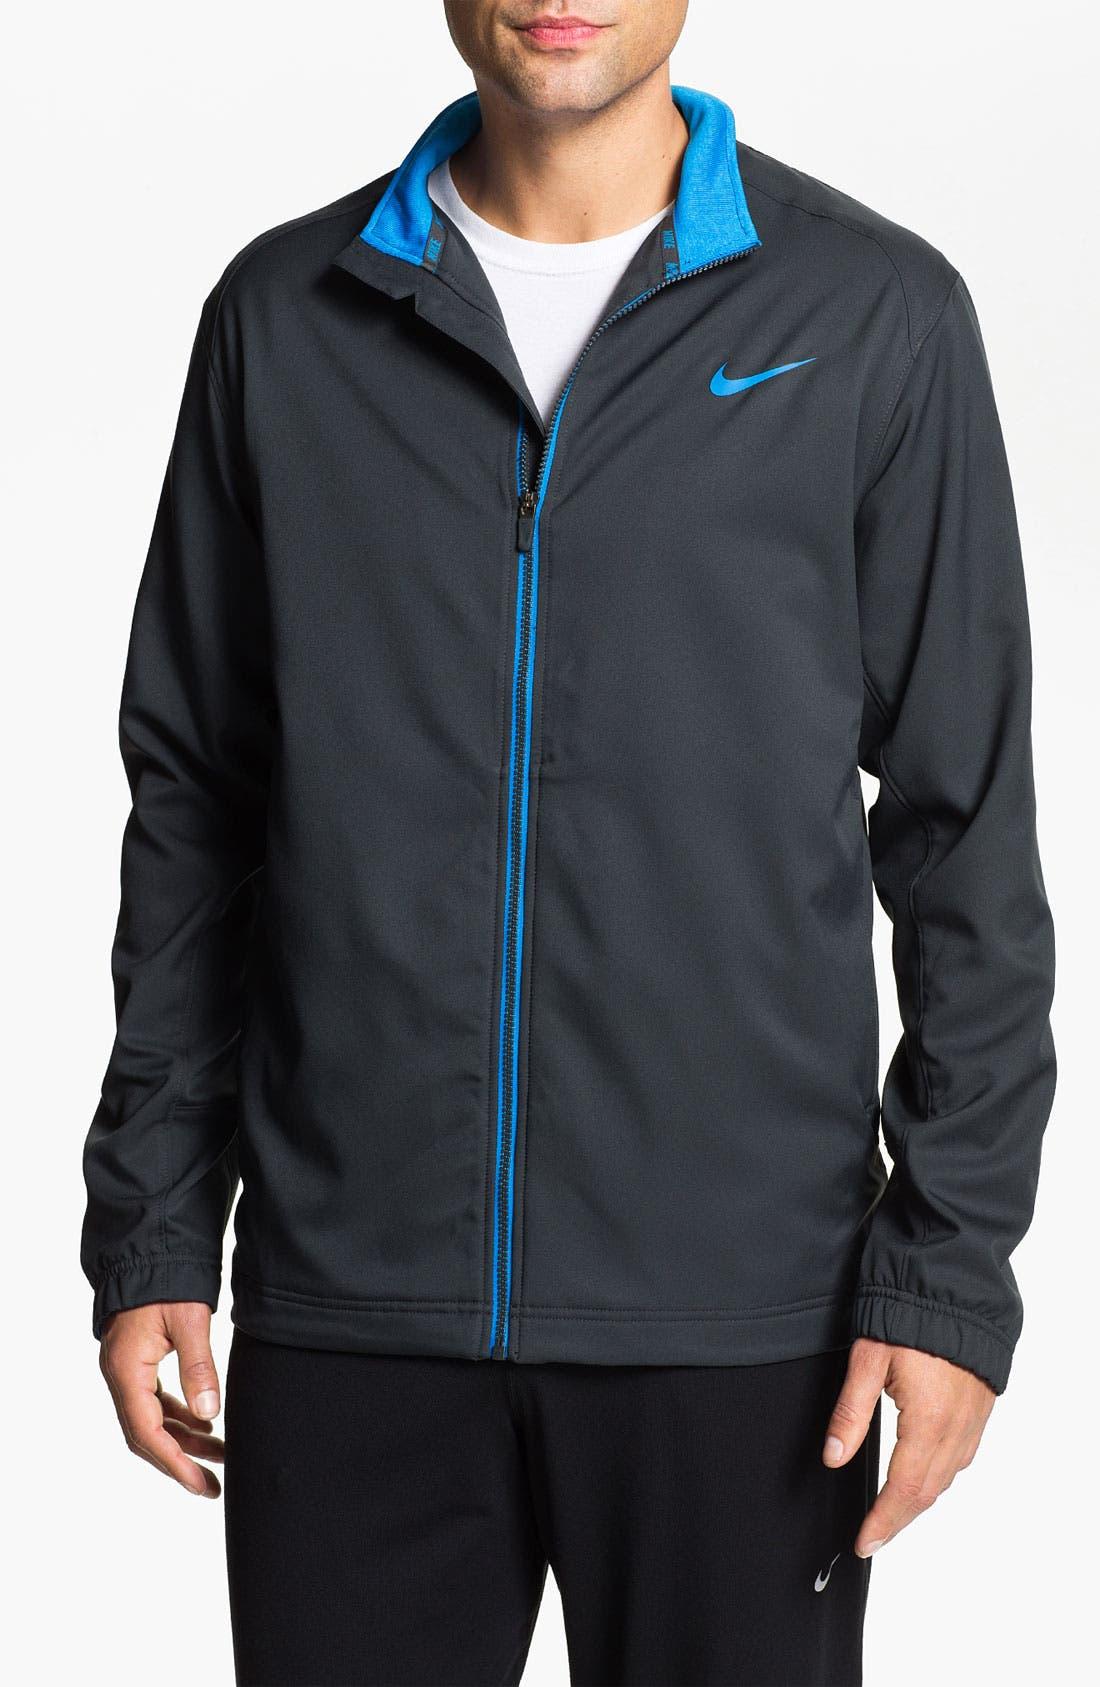 Main Image - Nike 'Speed' Jacket